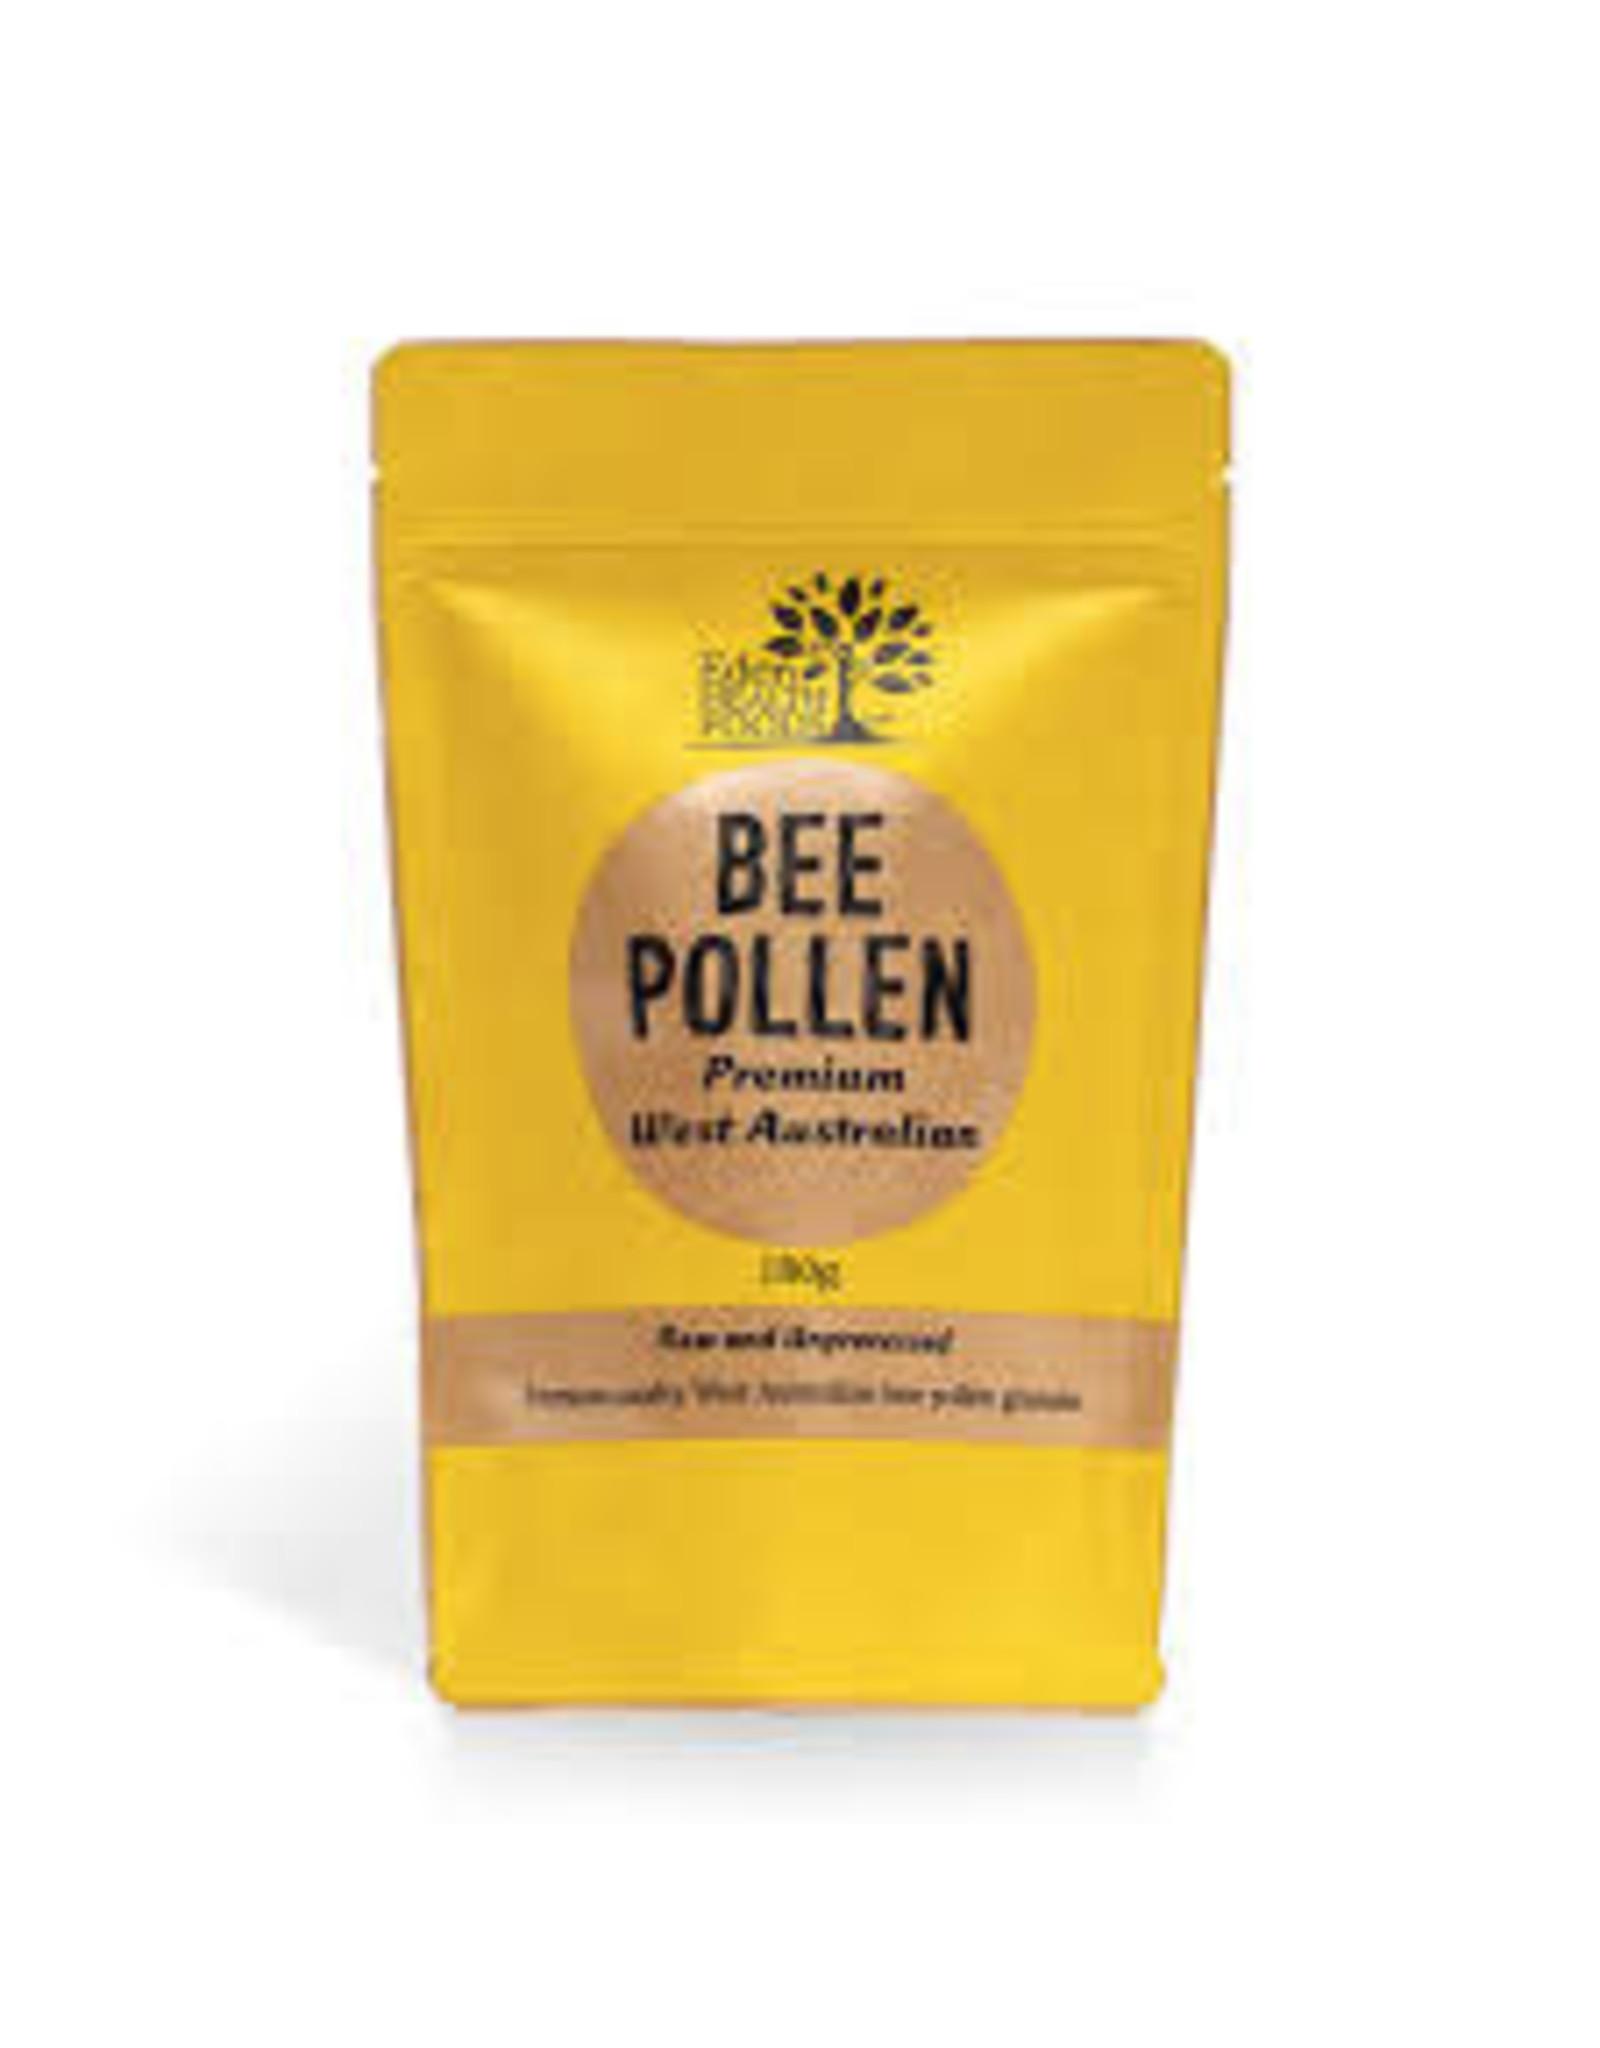 EDEN HEALTHFOODS Bee Pollen Raw and Unprocessed 180g